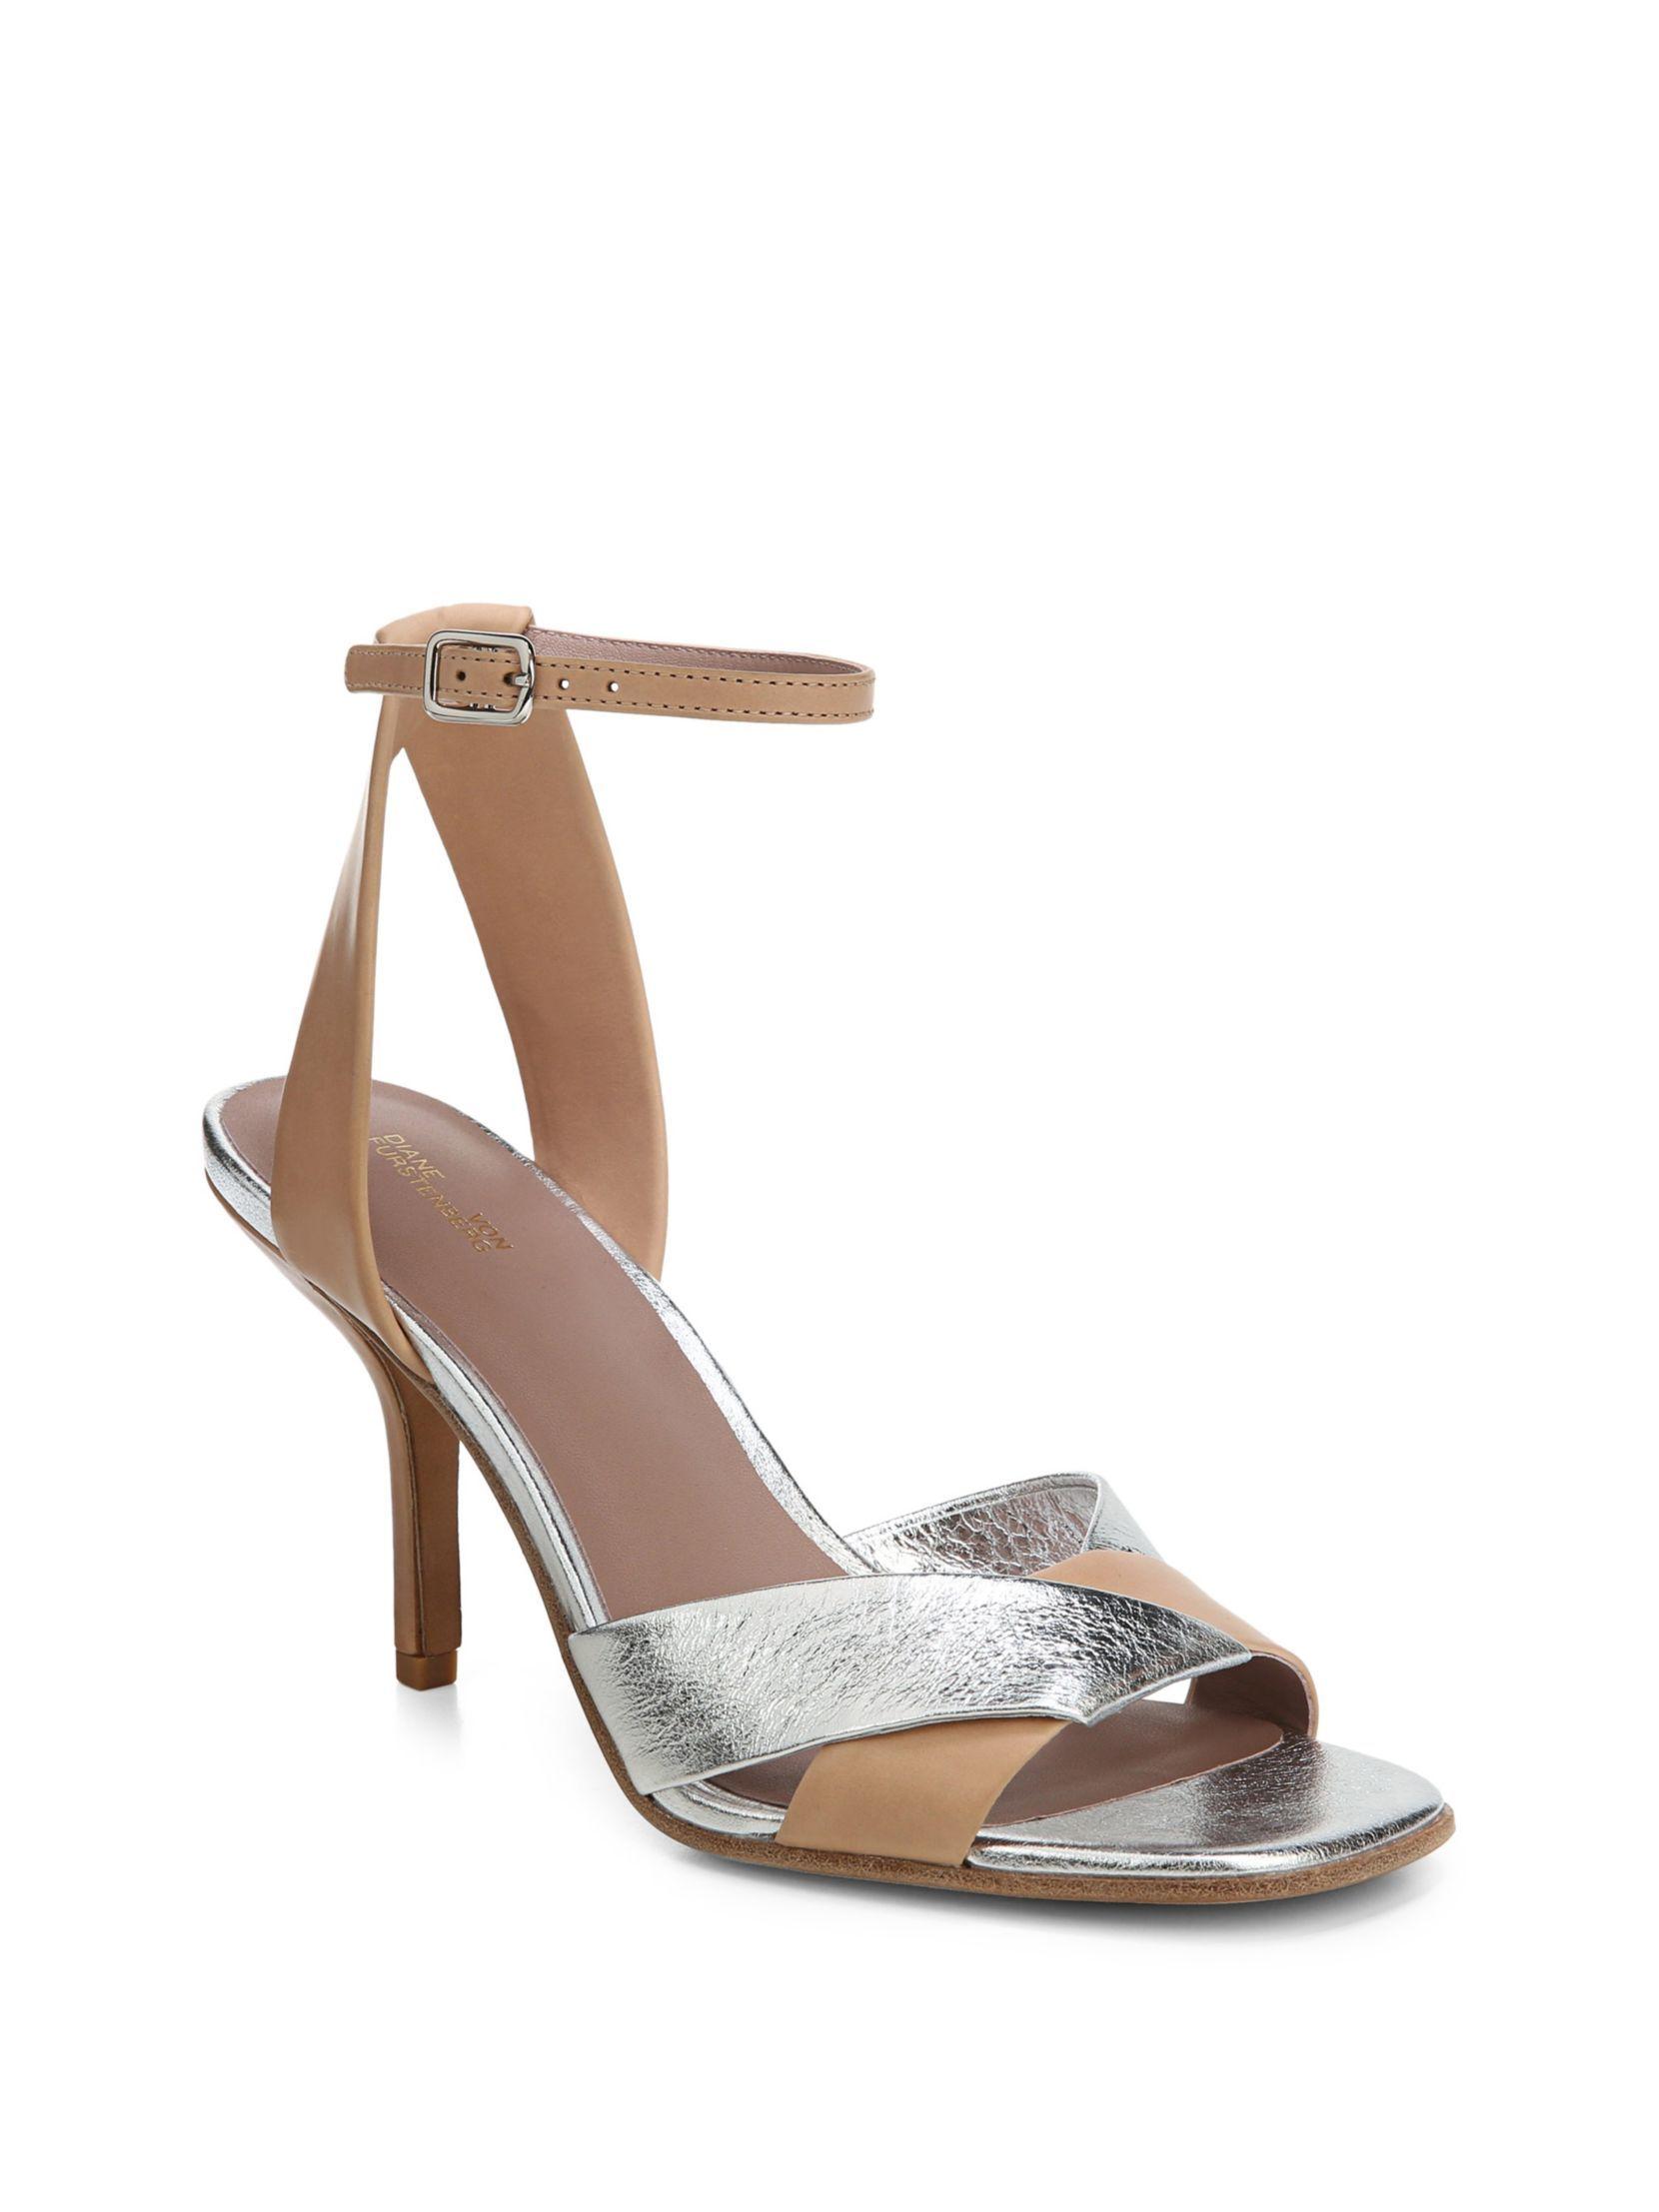 Diane von Furstenberg Fiona Cappuccino Metallic Heels vOGsRyAPp5